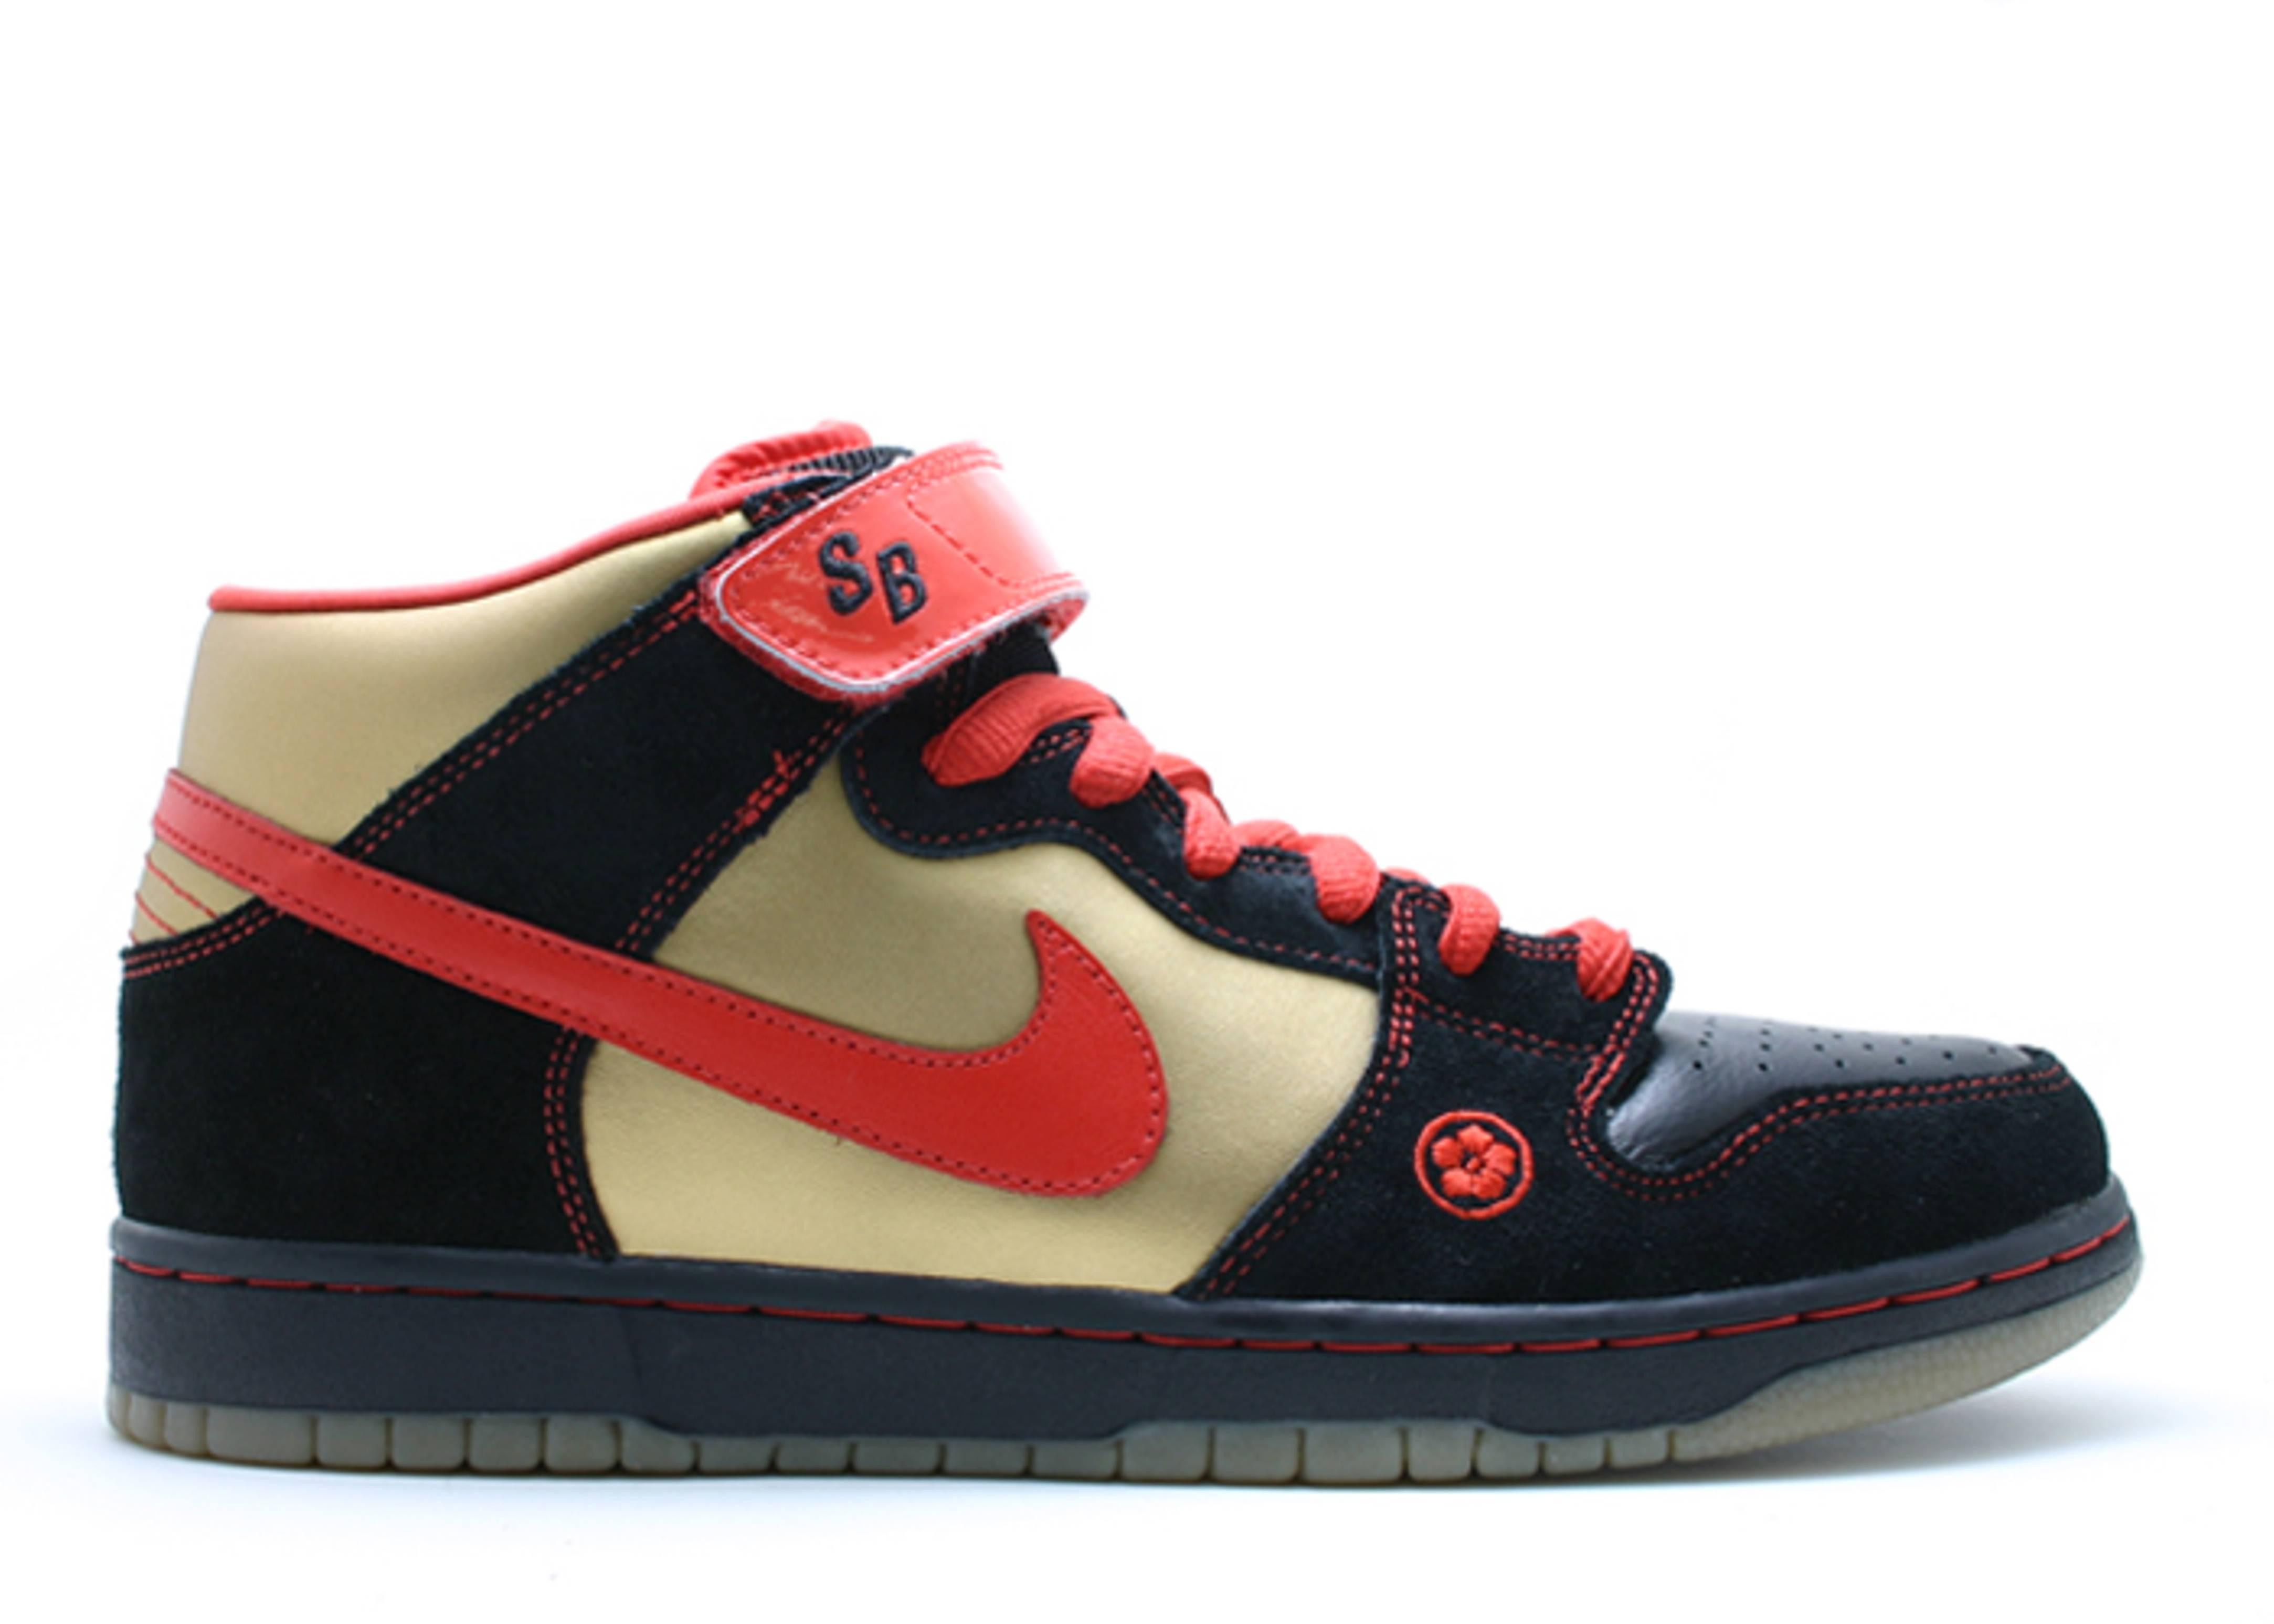 Gato Negro Nike Dunk Sb Tienda online m6KMKtP6